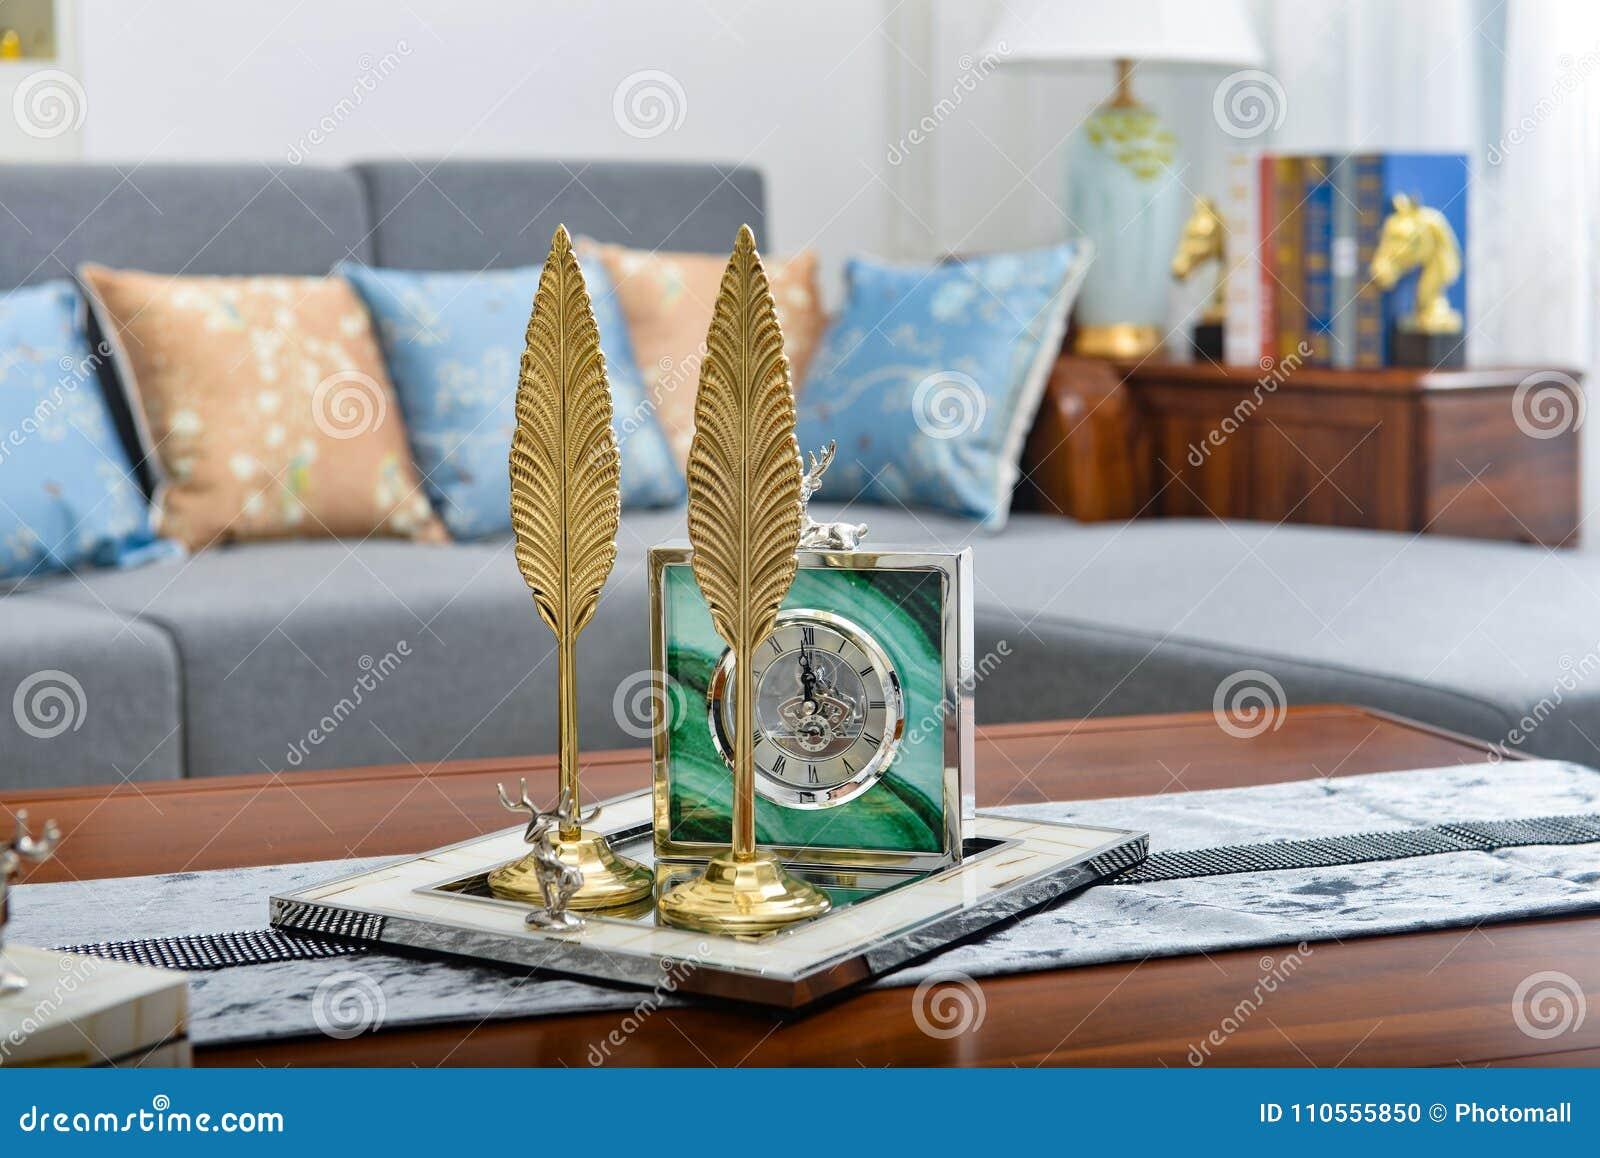 Artículo decorativo de la hoja de oro decorativa del reloj de la sala de estar pequeño